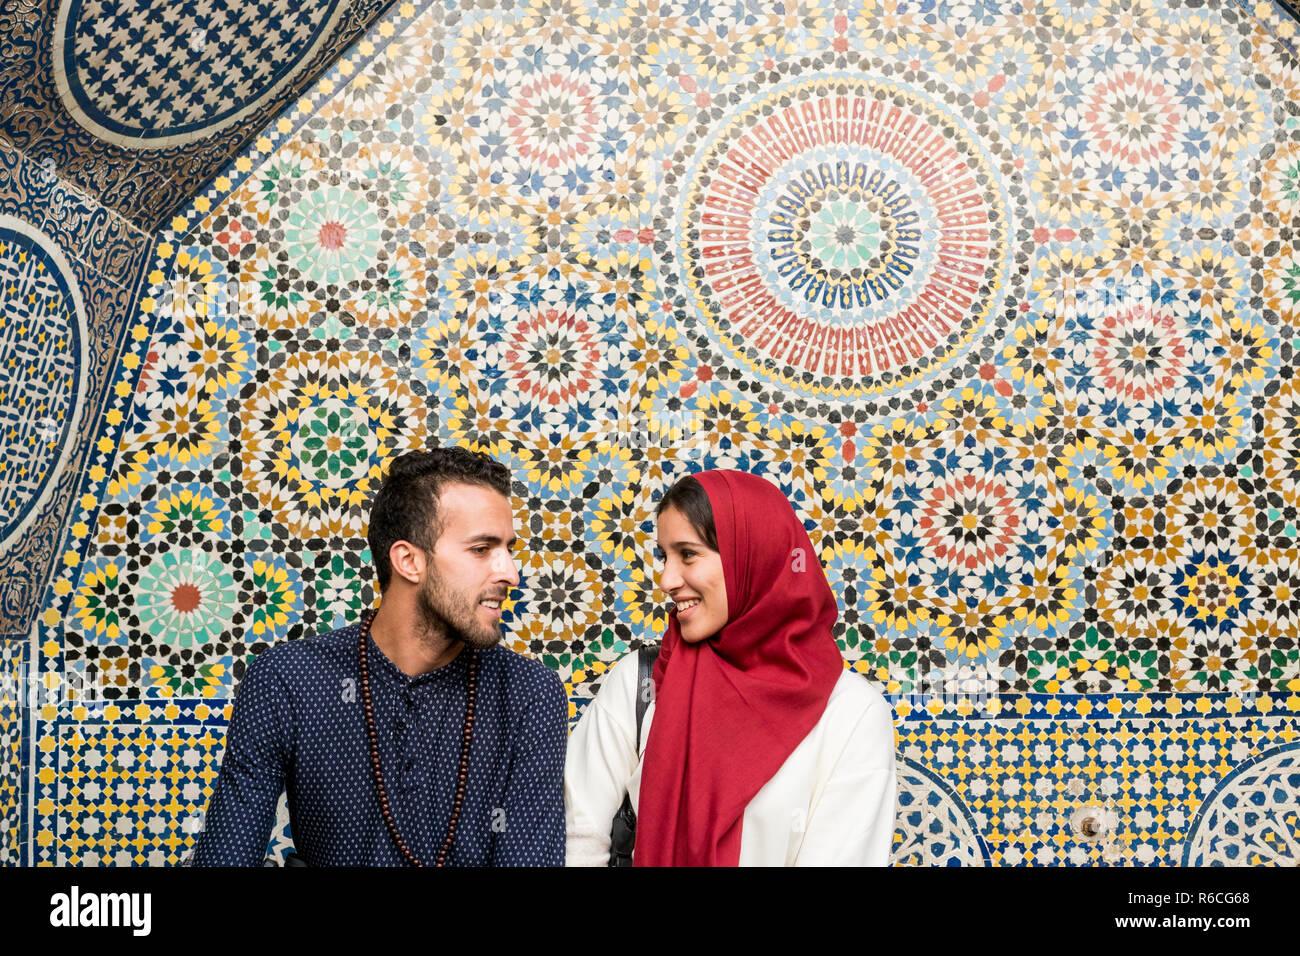 Joven pareja musulmana en relación hablando y sonriendo delante de arabesque decoración oriental Imagen De Stock